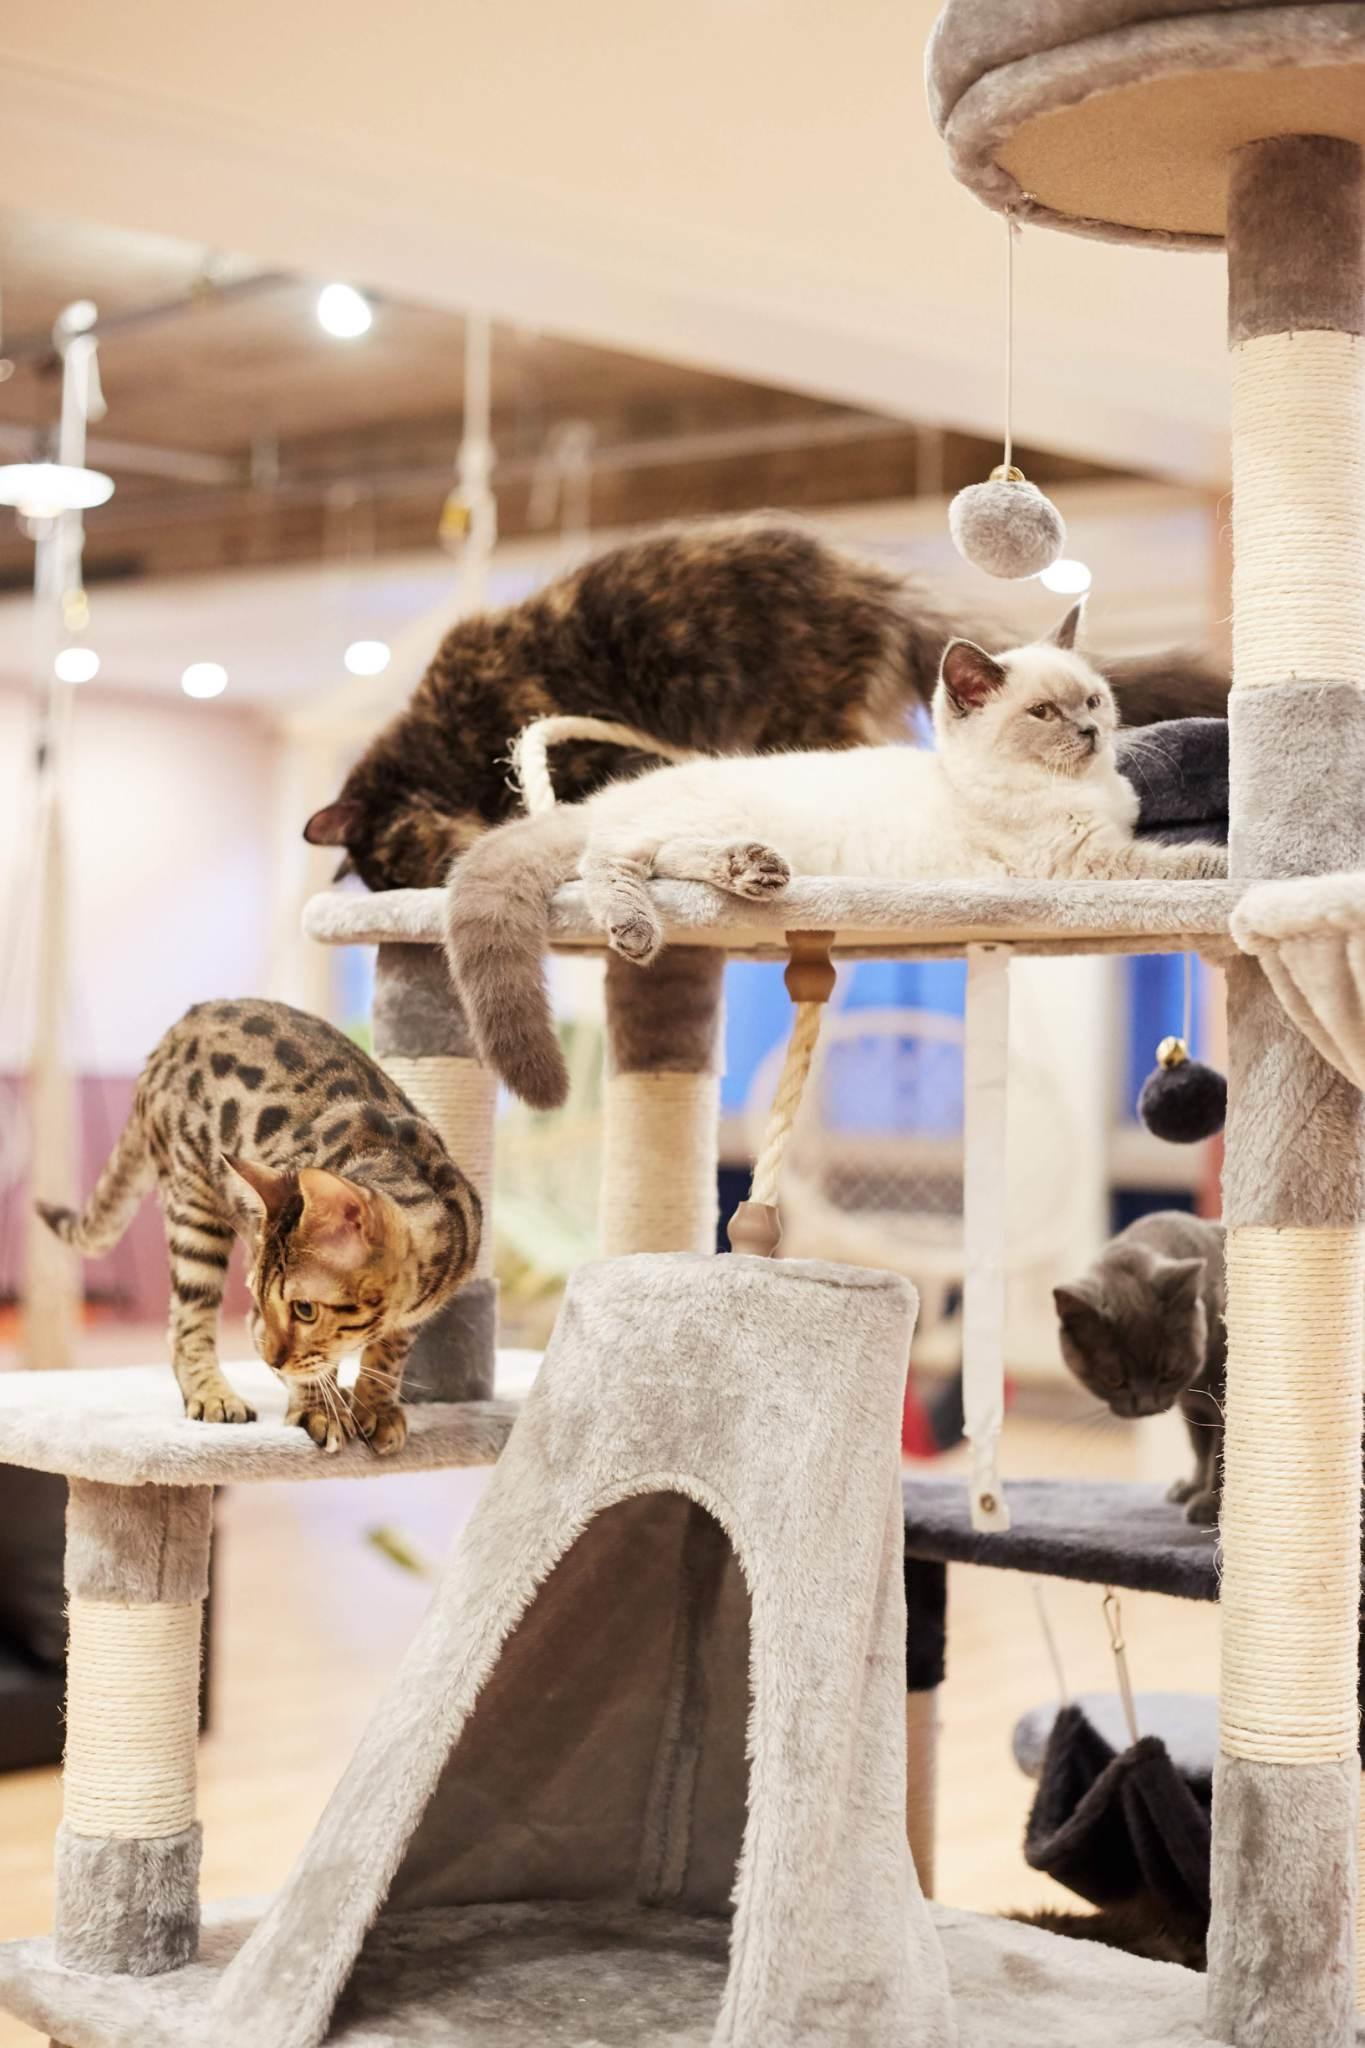 【好評開催中!】ぷちまり大作戦!猫ちゃんからのミッションをクリアせよ!【4/20-5/6】